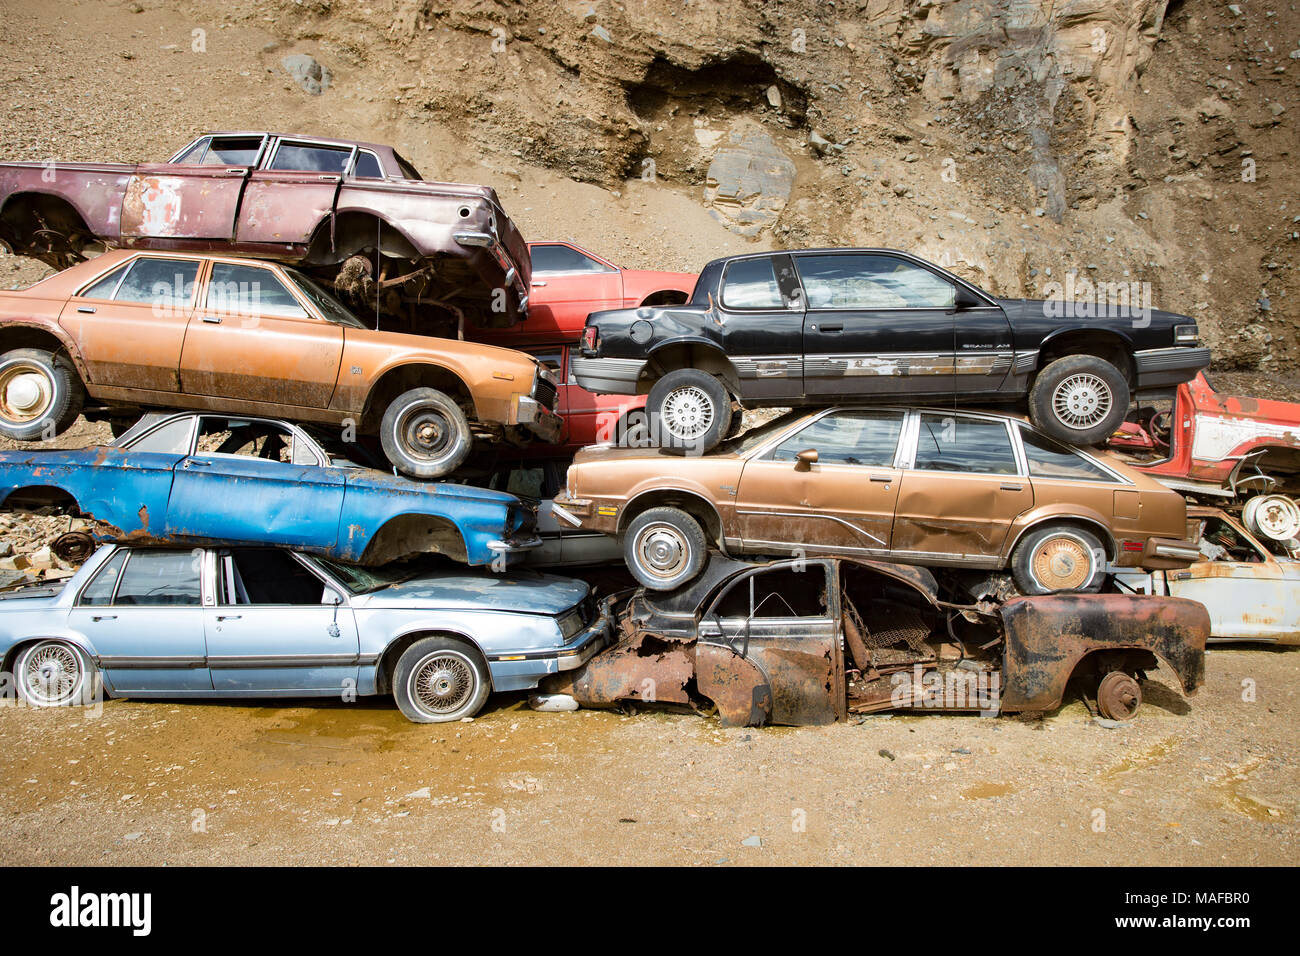 Junk Cars Stock Photos & Junk Cars Stock Images - Alamy